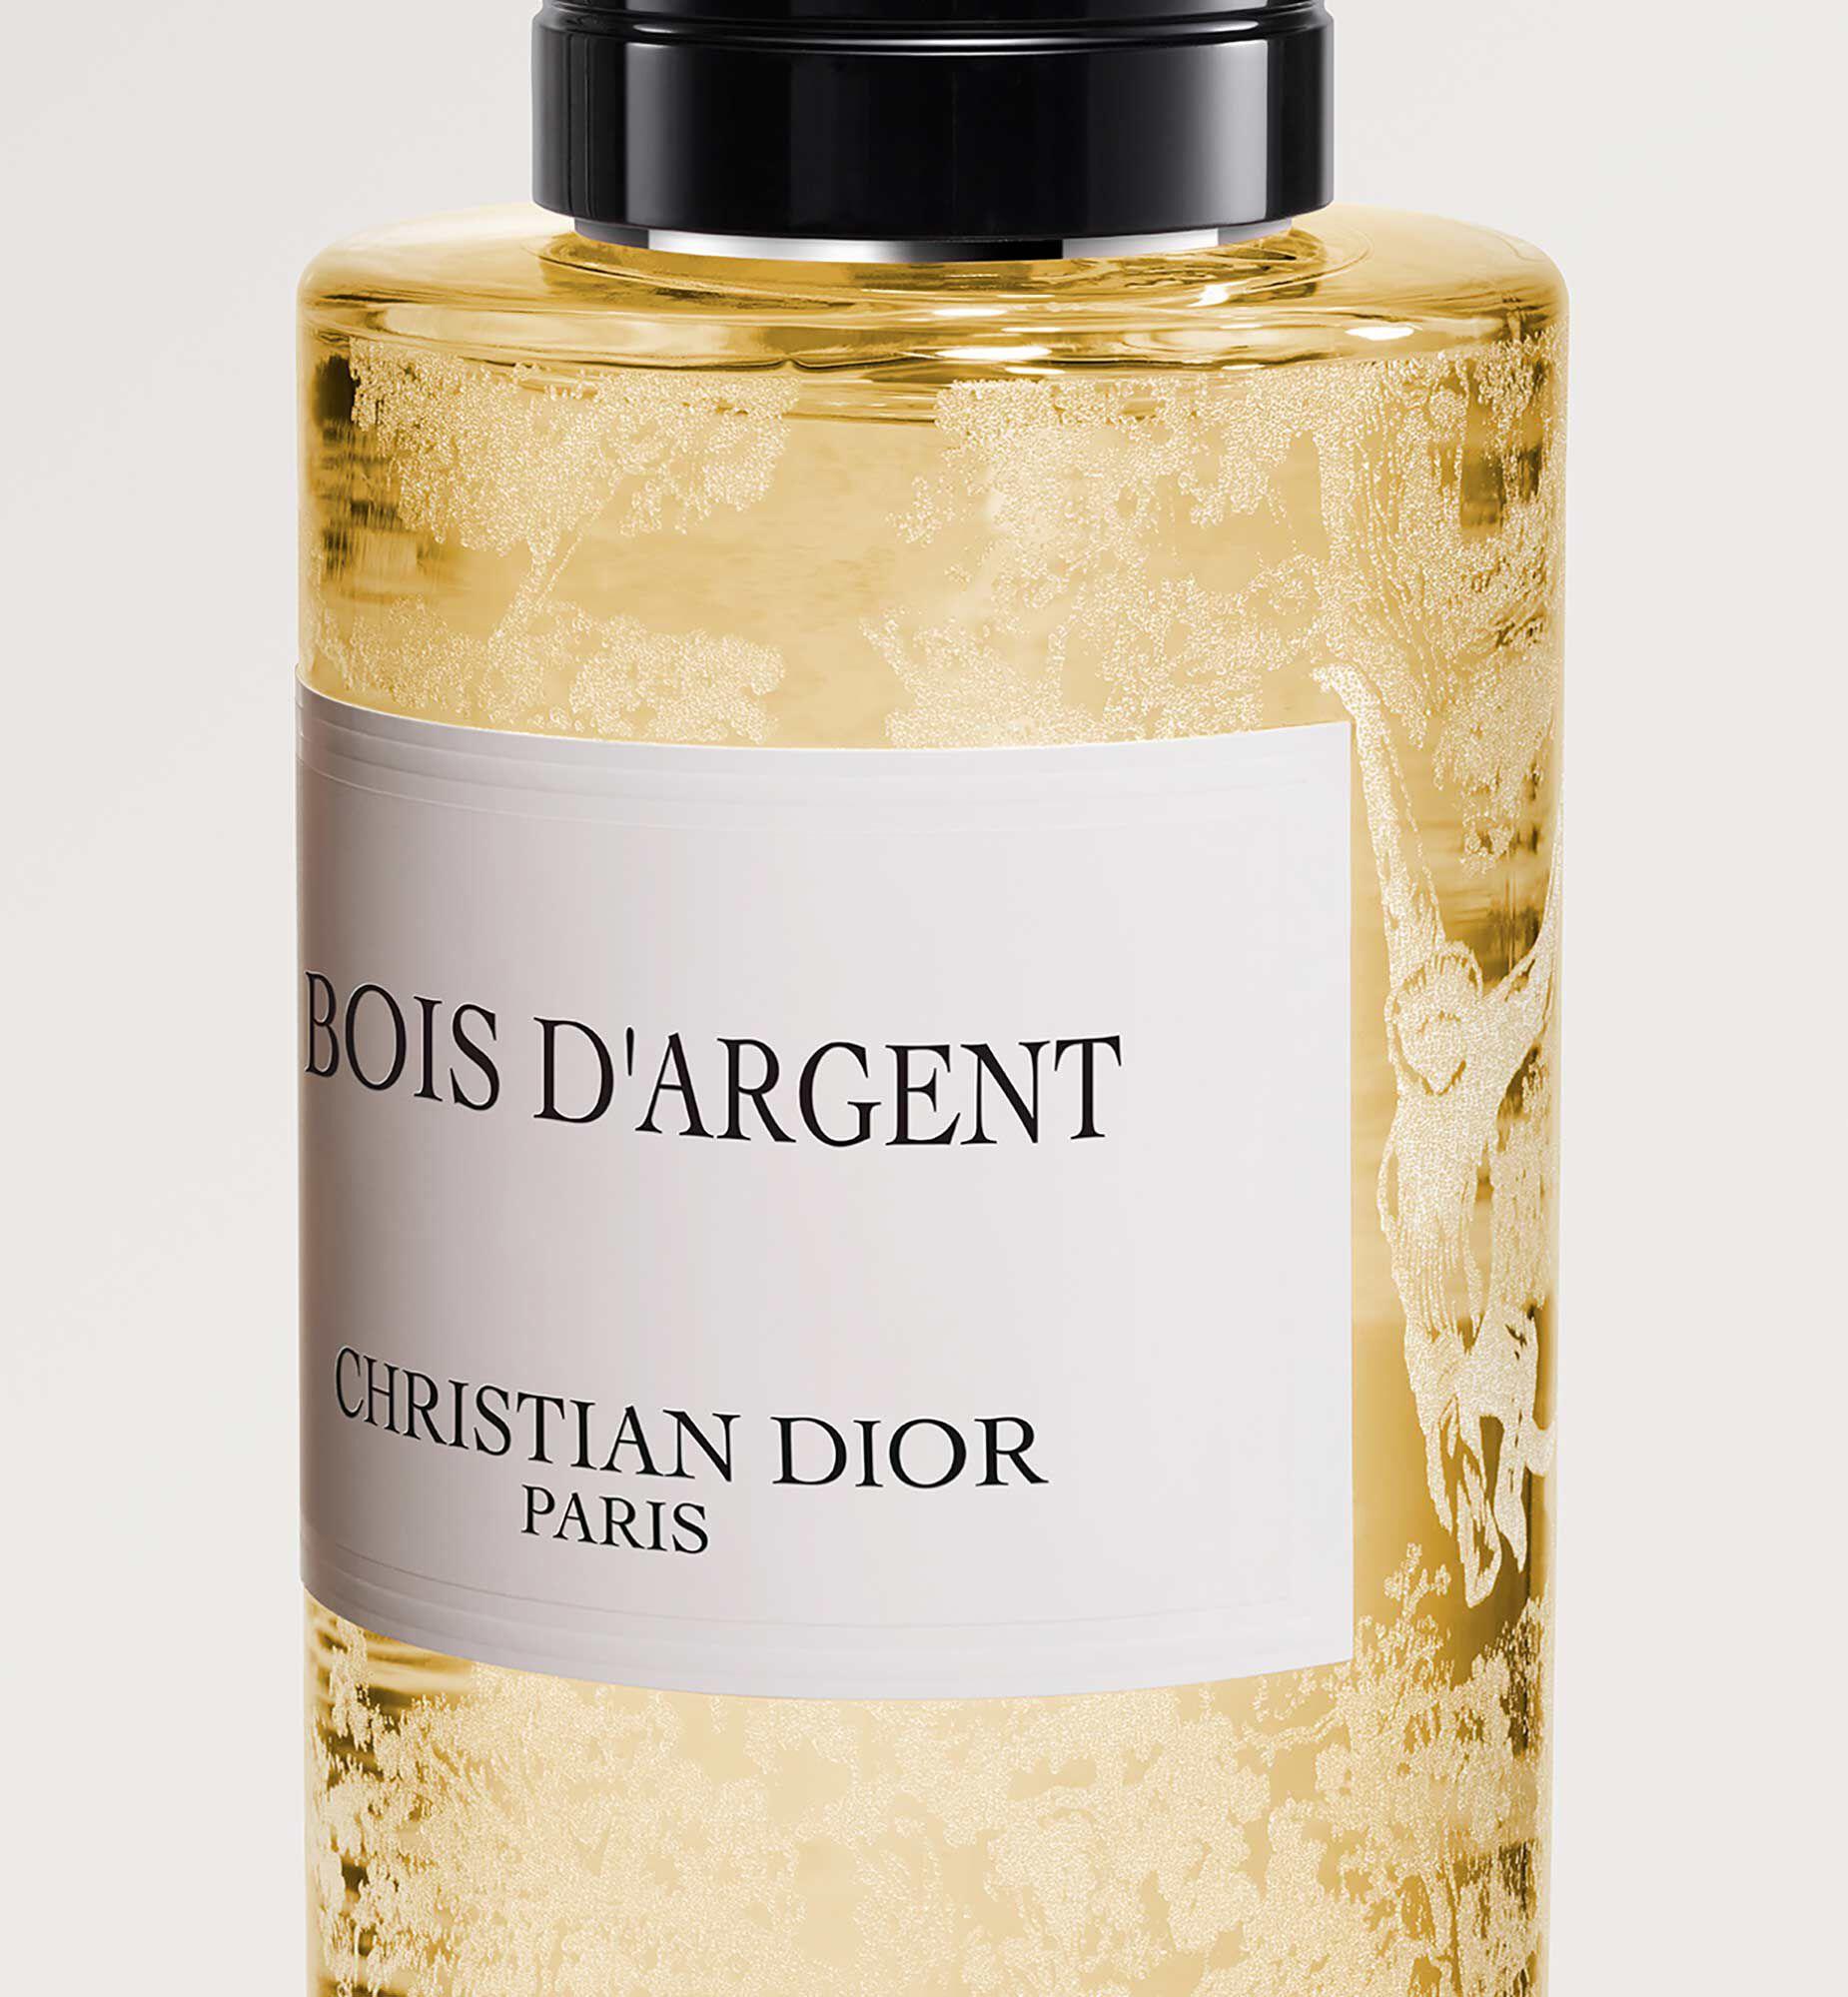 Parfum Bois D Argent Edition Limitee Gravee Toile De Jouy Dior